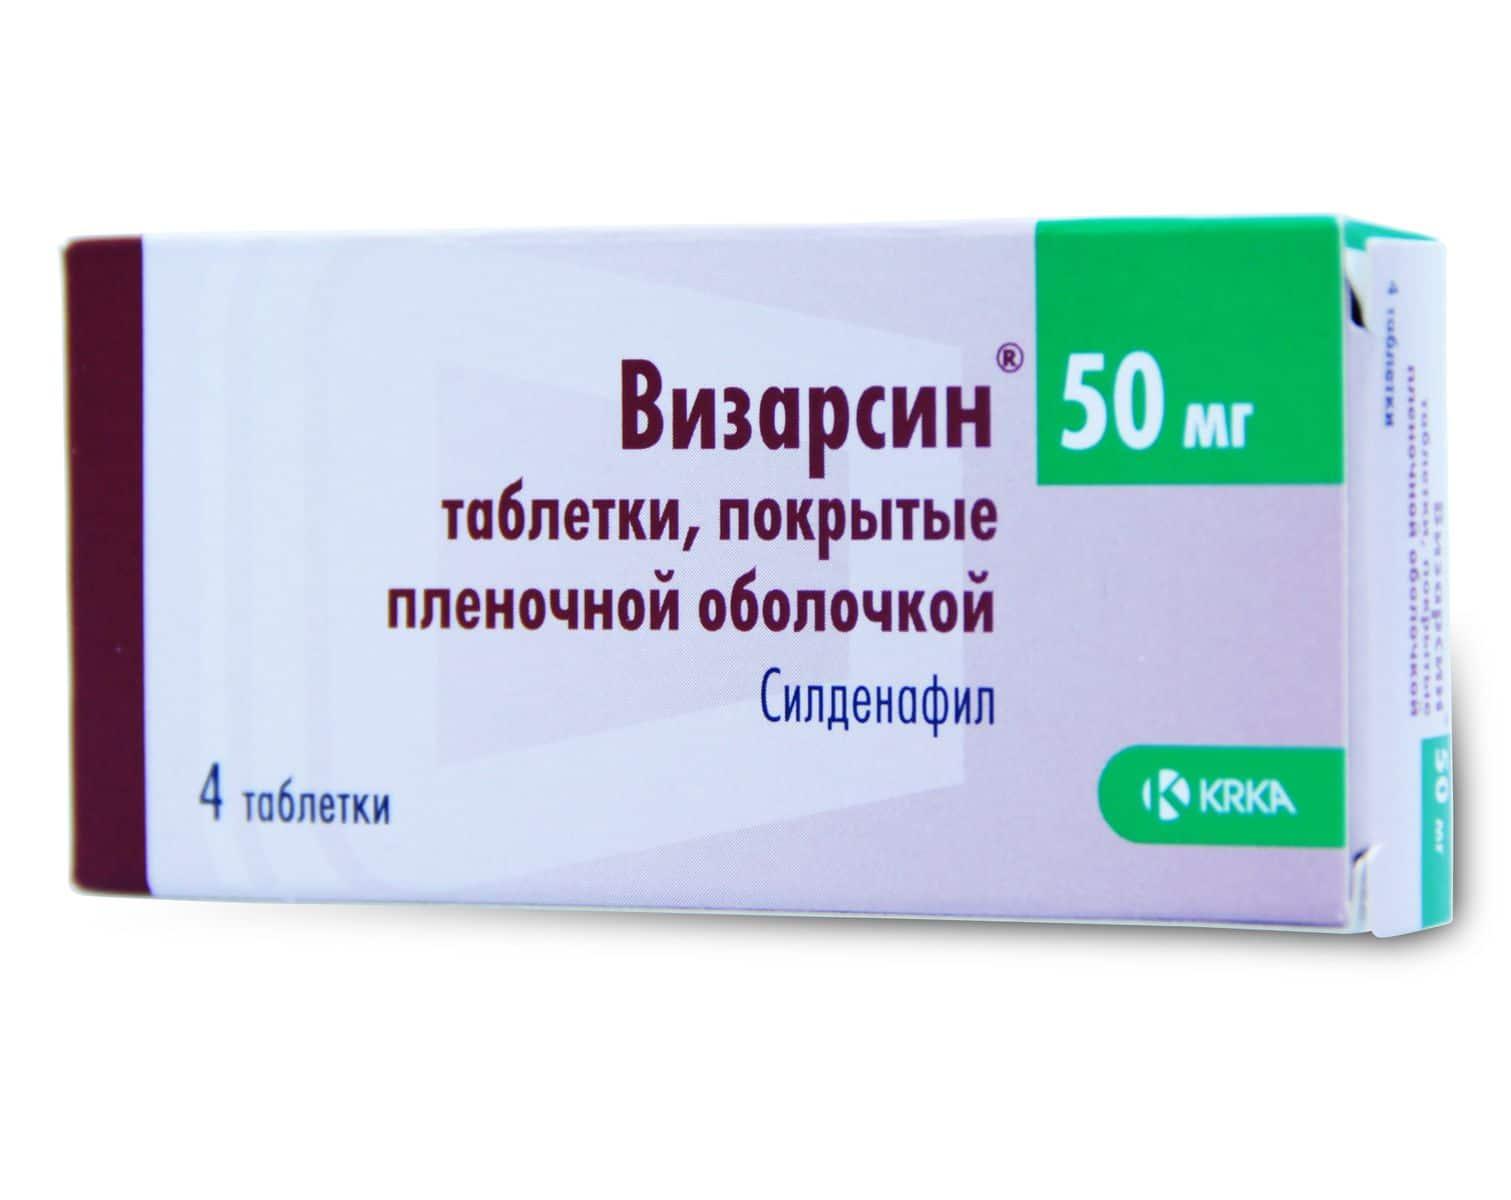 Визарсин действие препарата аналоги ряд побочных действий